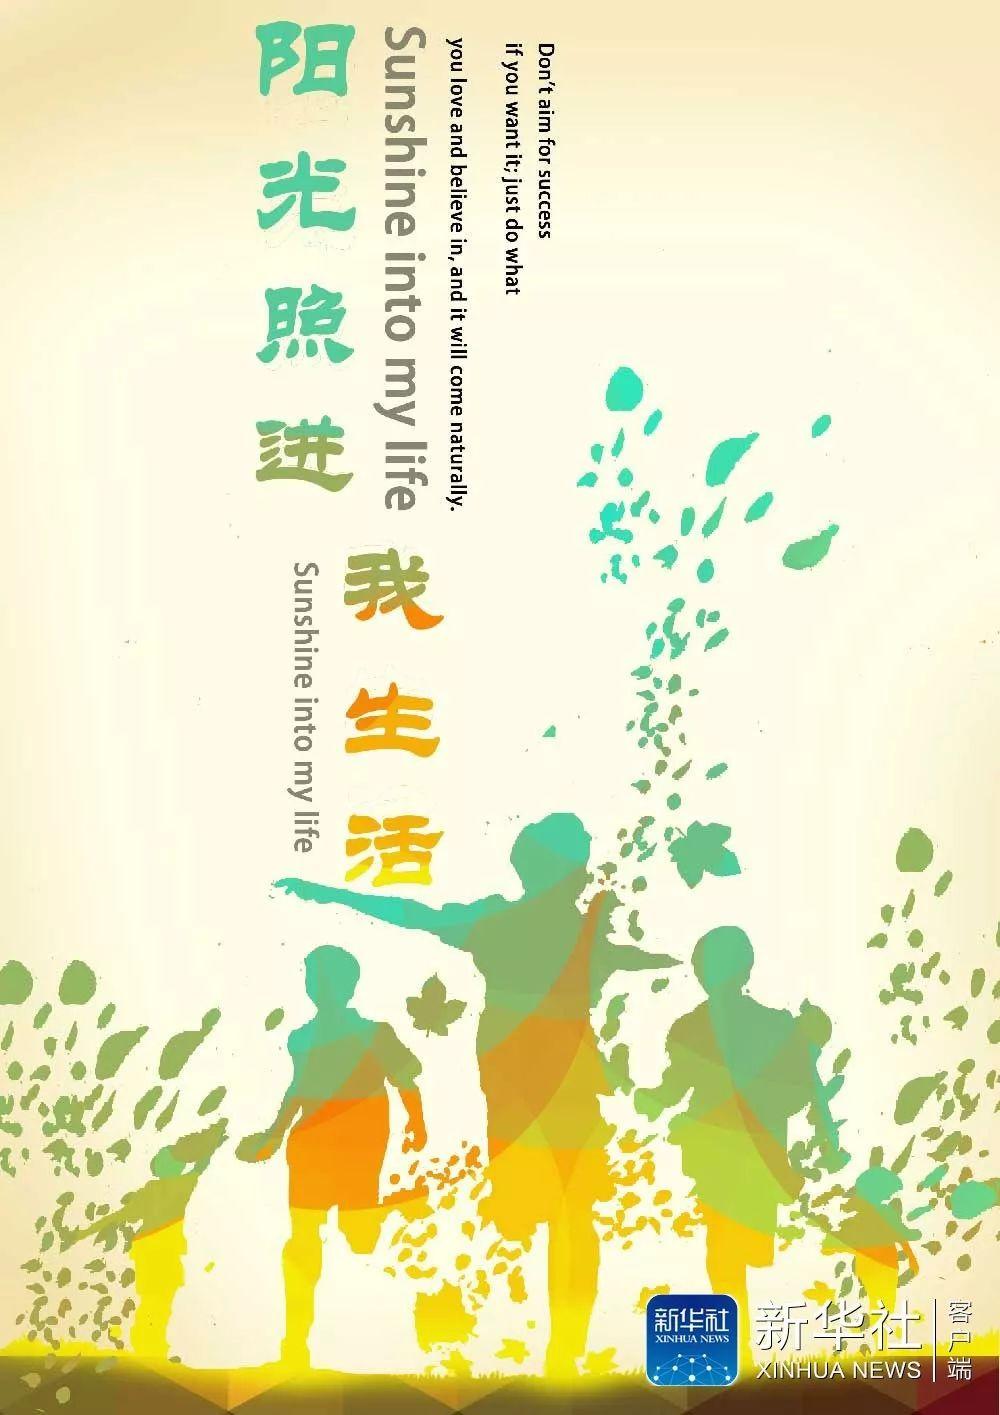 郭雨萱(中国戏曲学院)